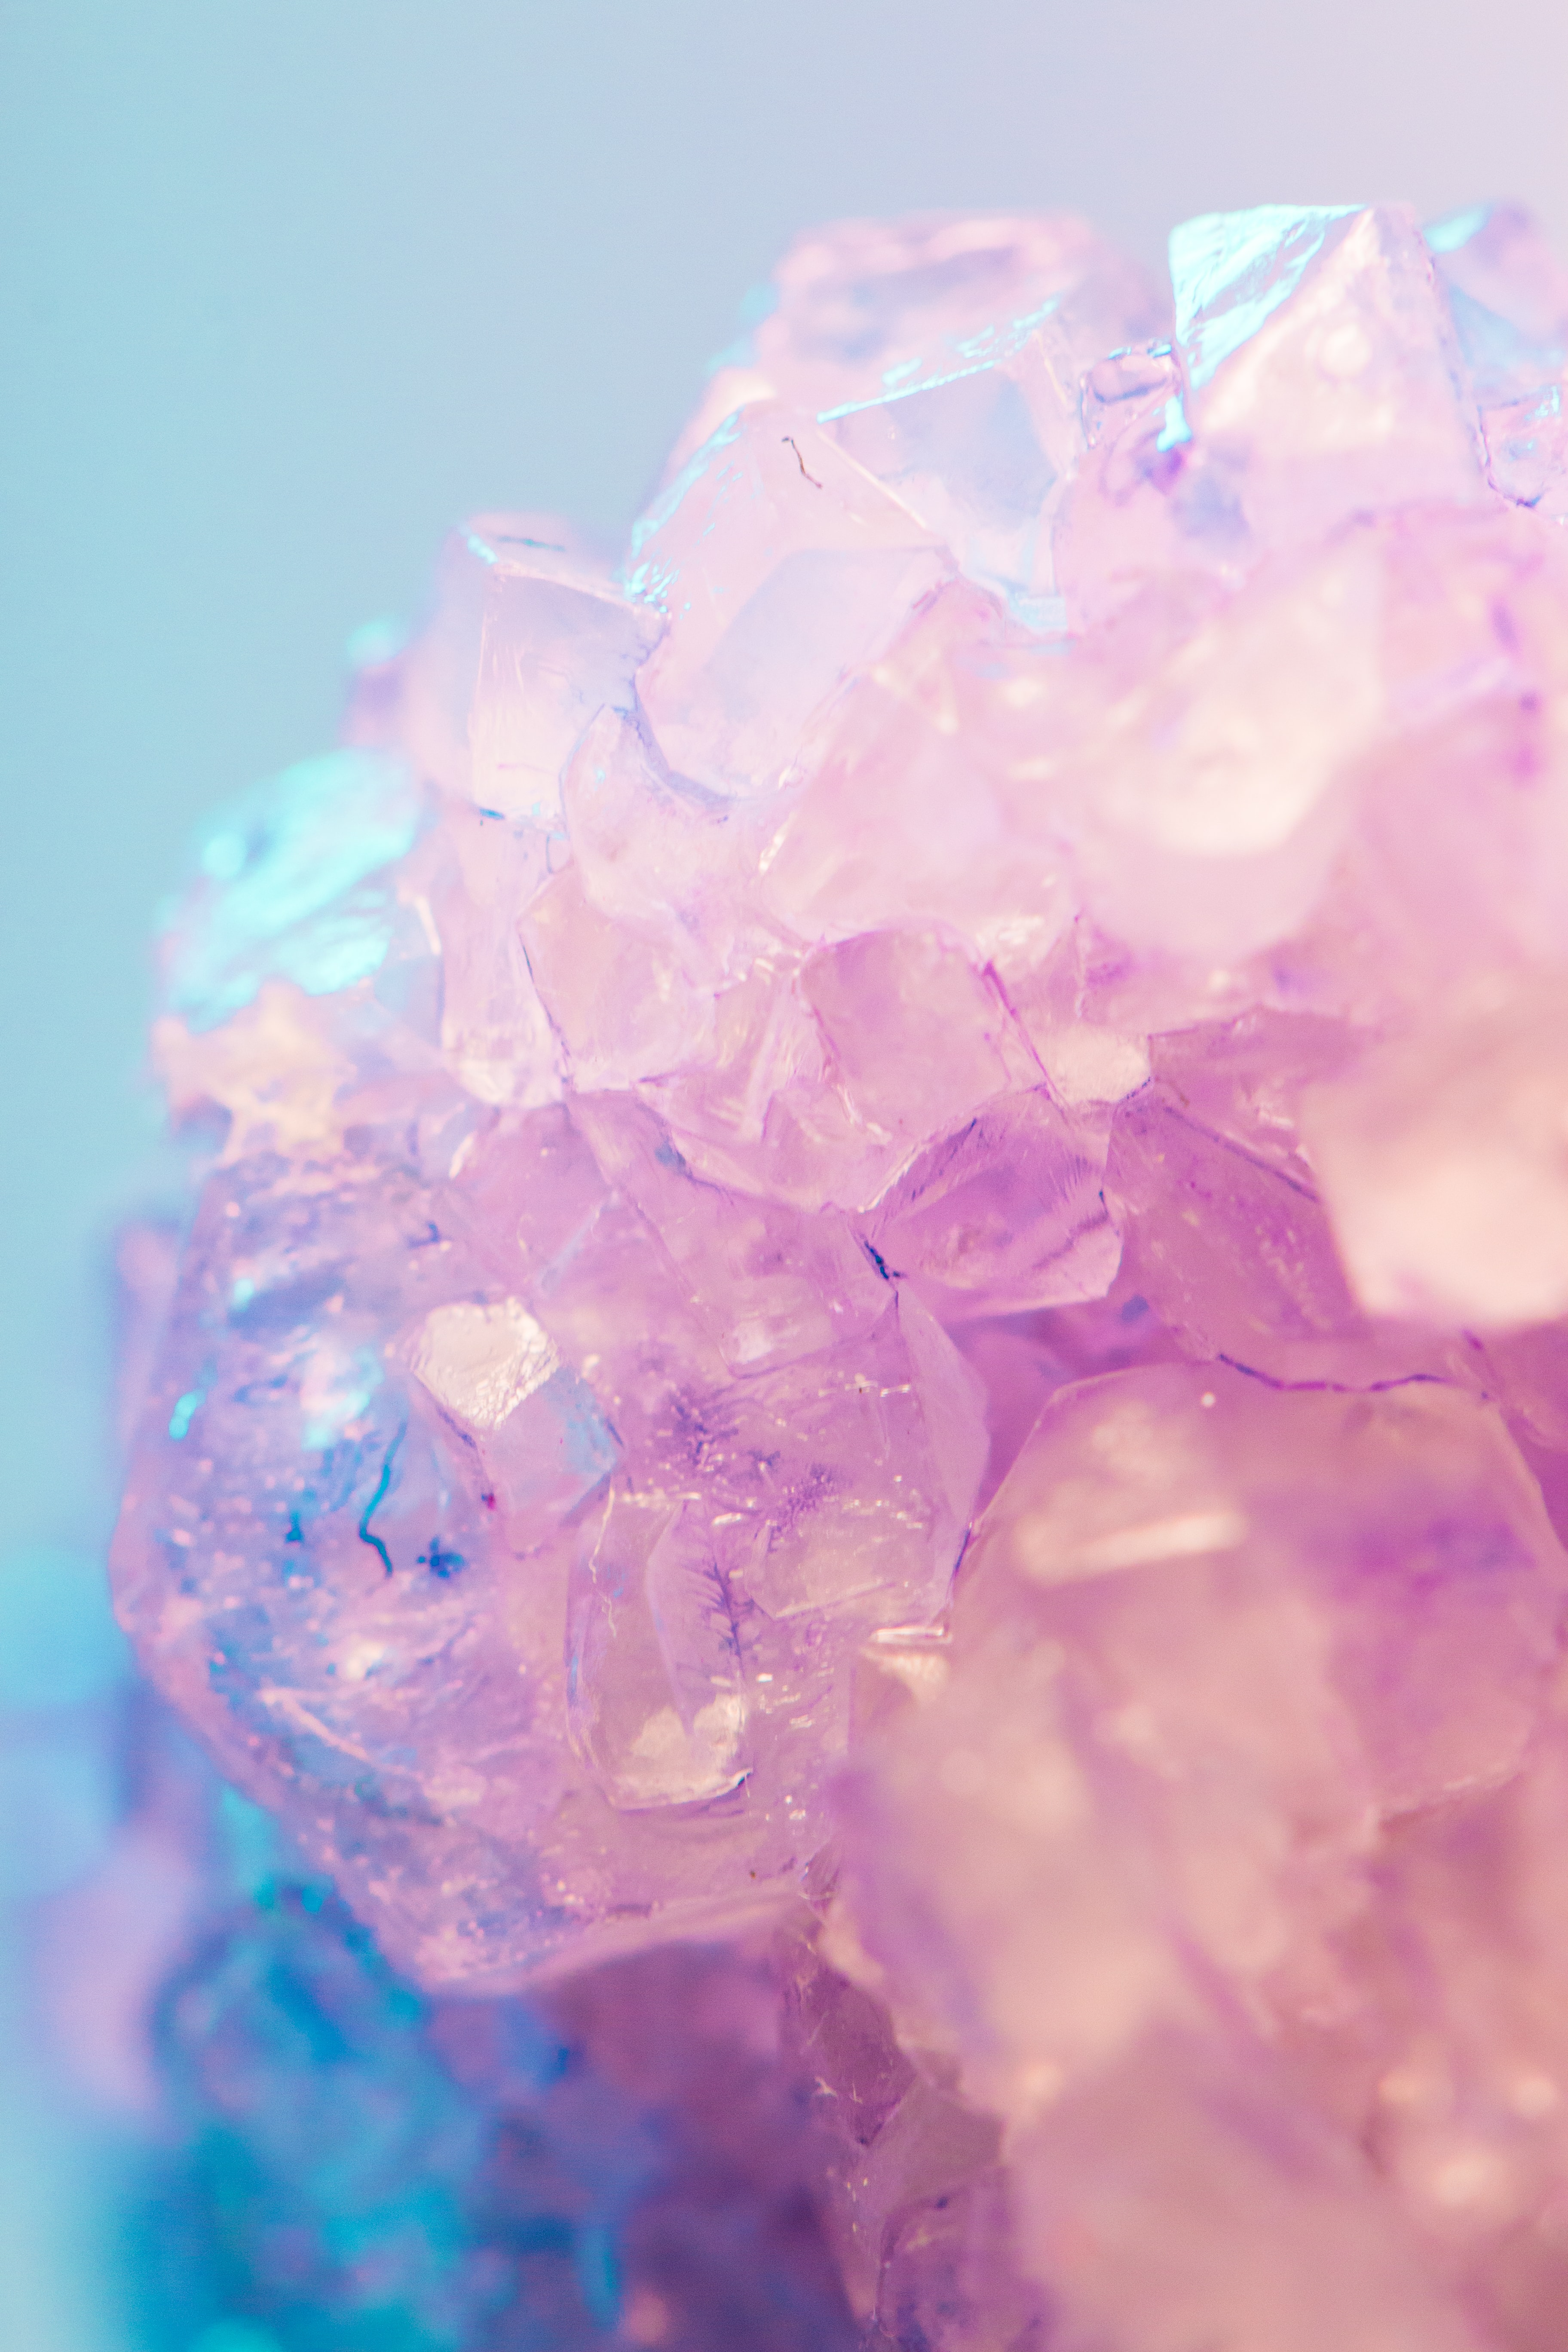 krystal-ng-PrQqQVPzmlw-unsplash